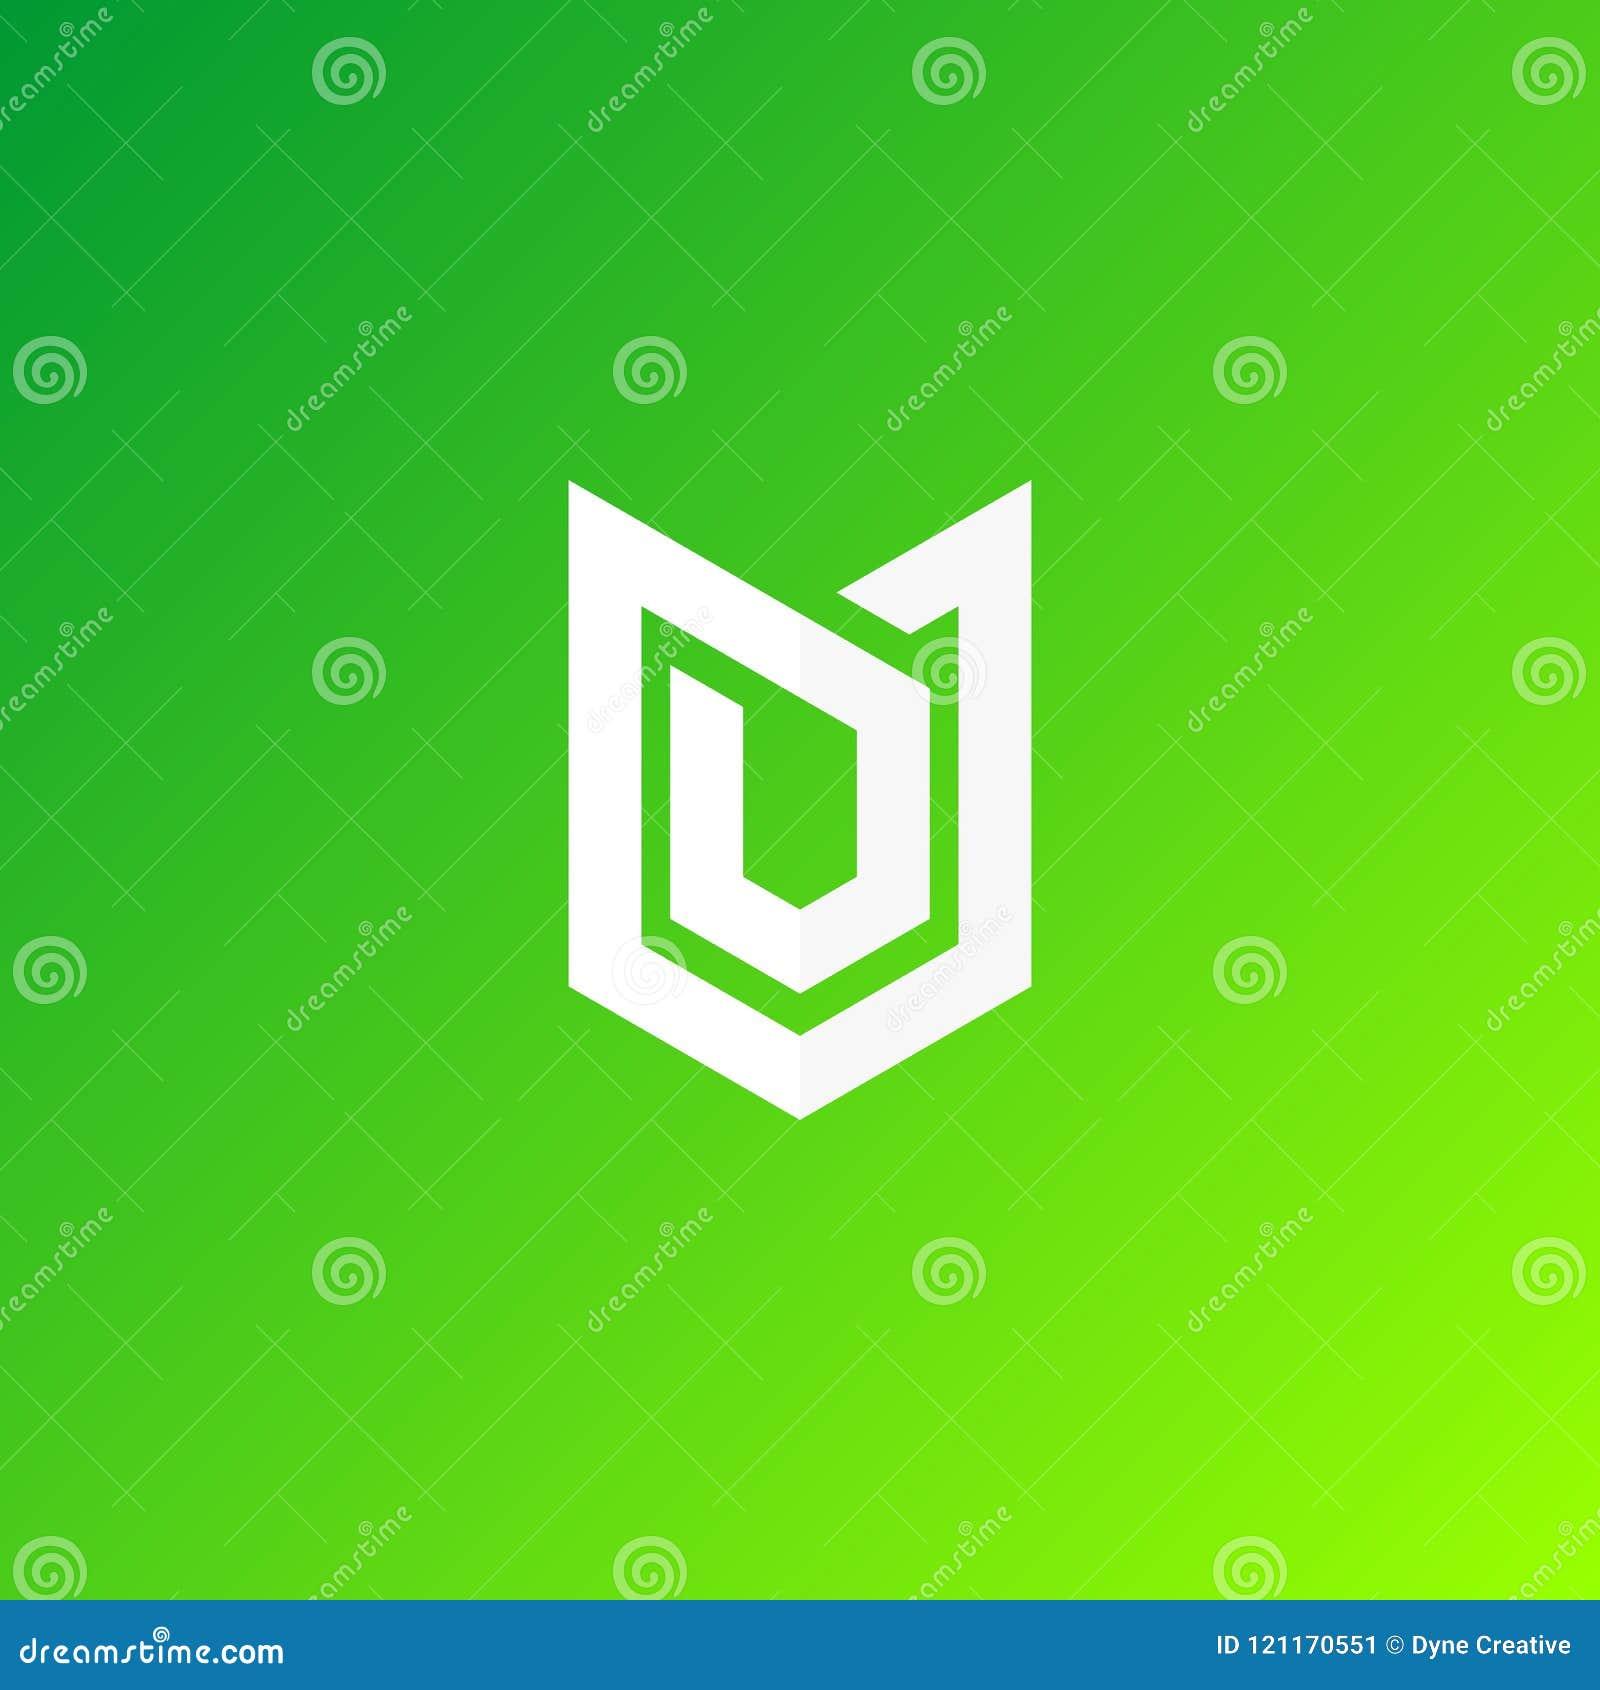 Shiled security logo design vector